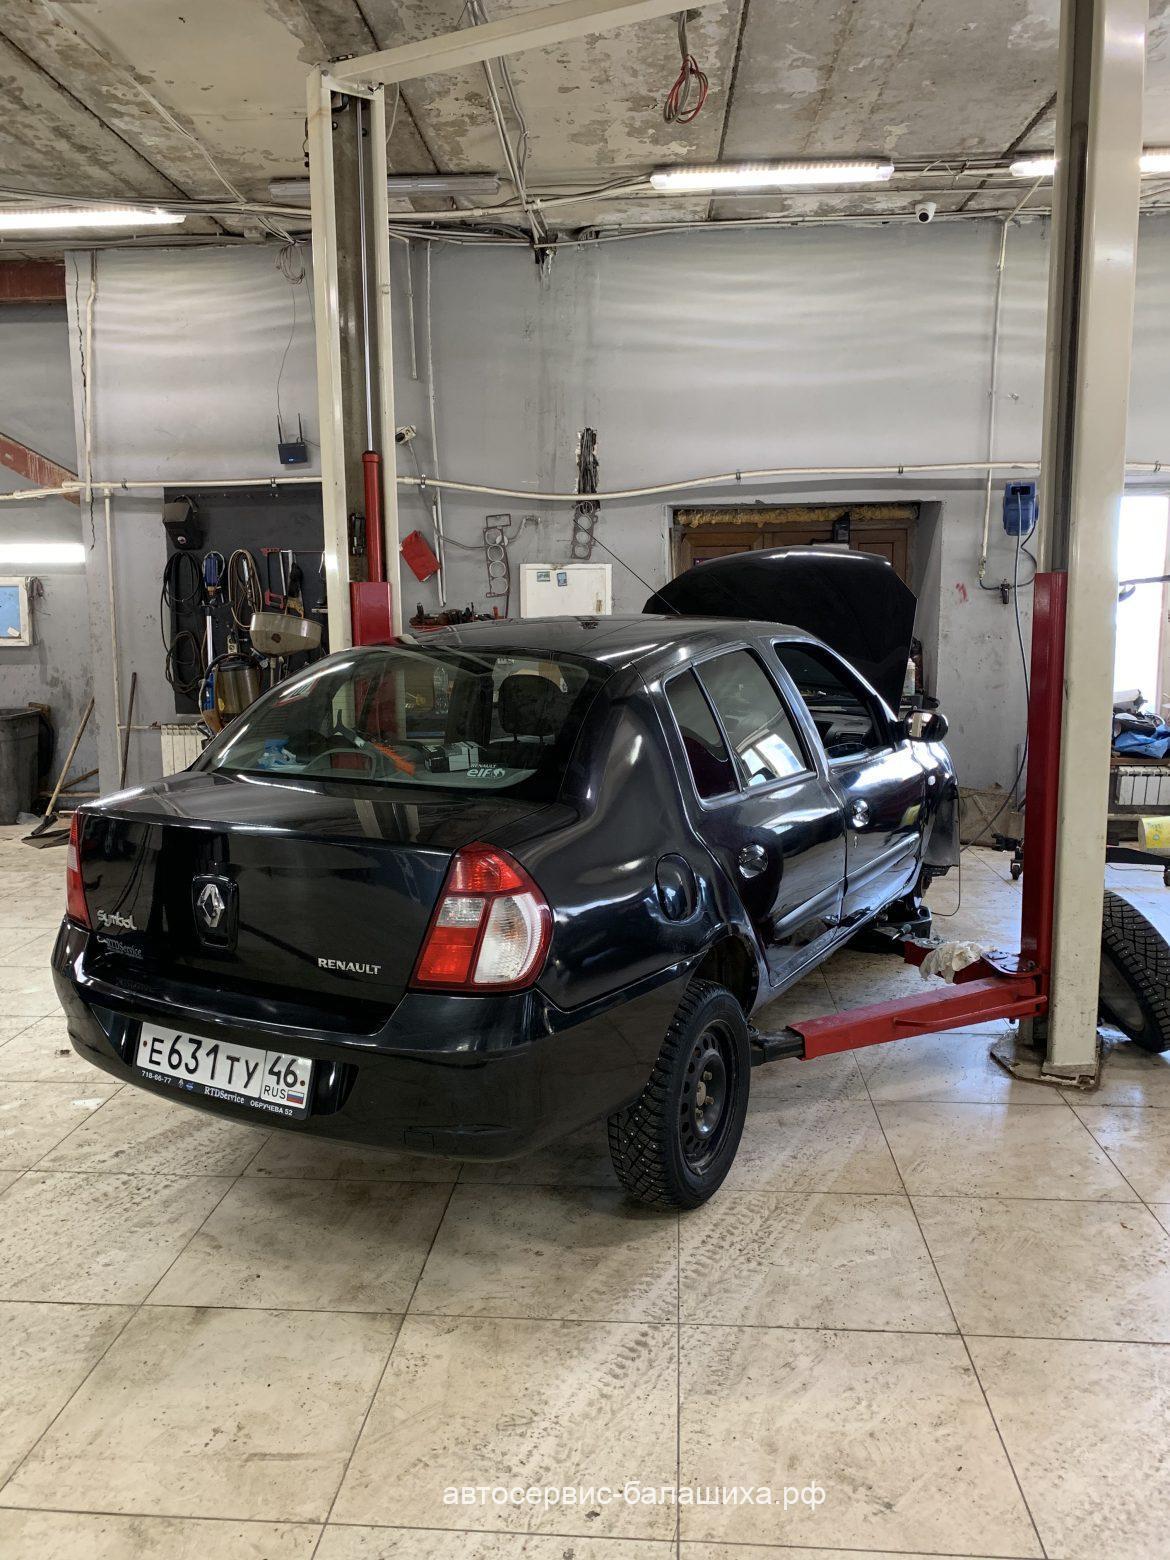 Renault Symbol 1.4 2009г. замена ремня ГРМ